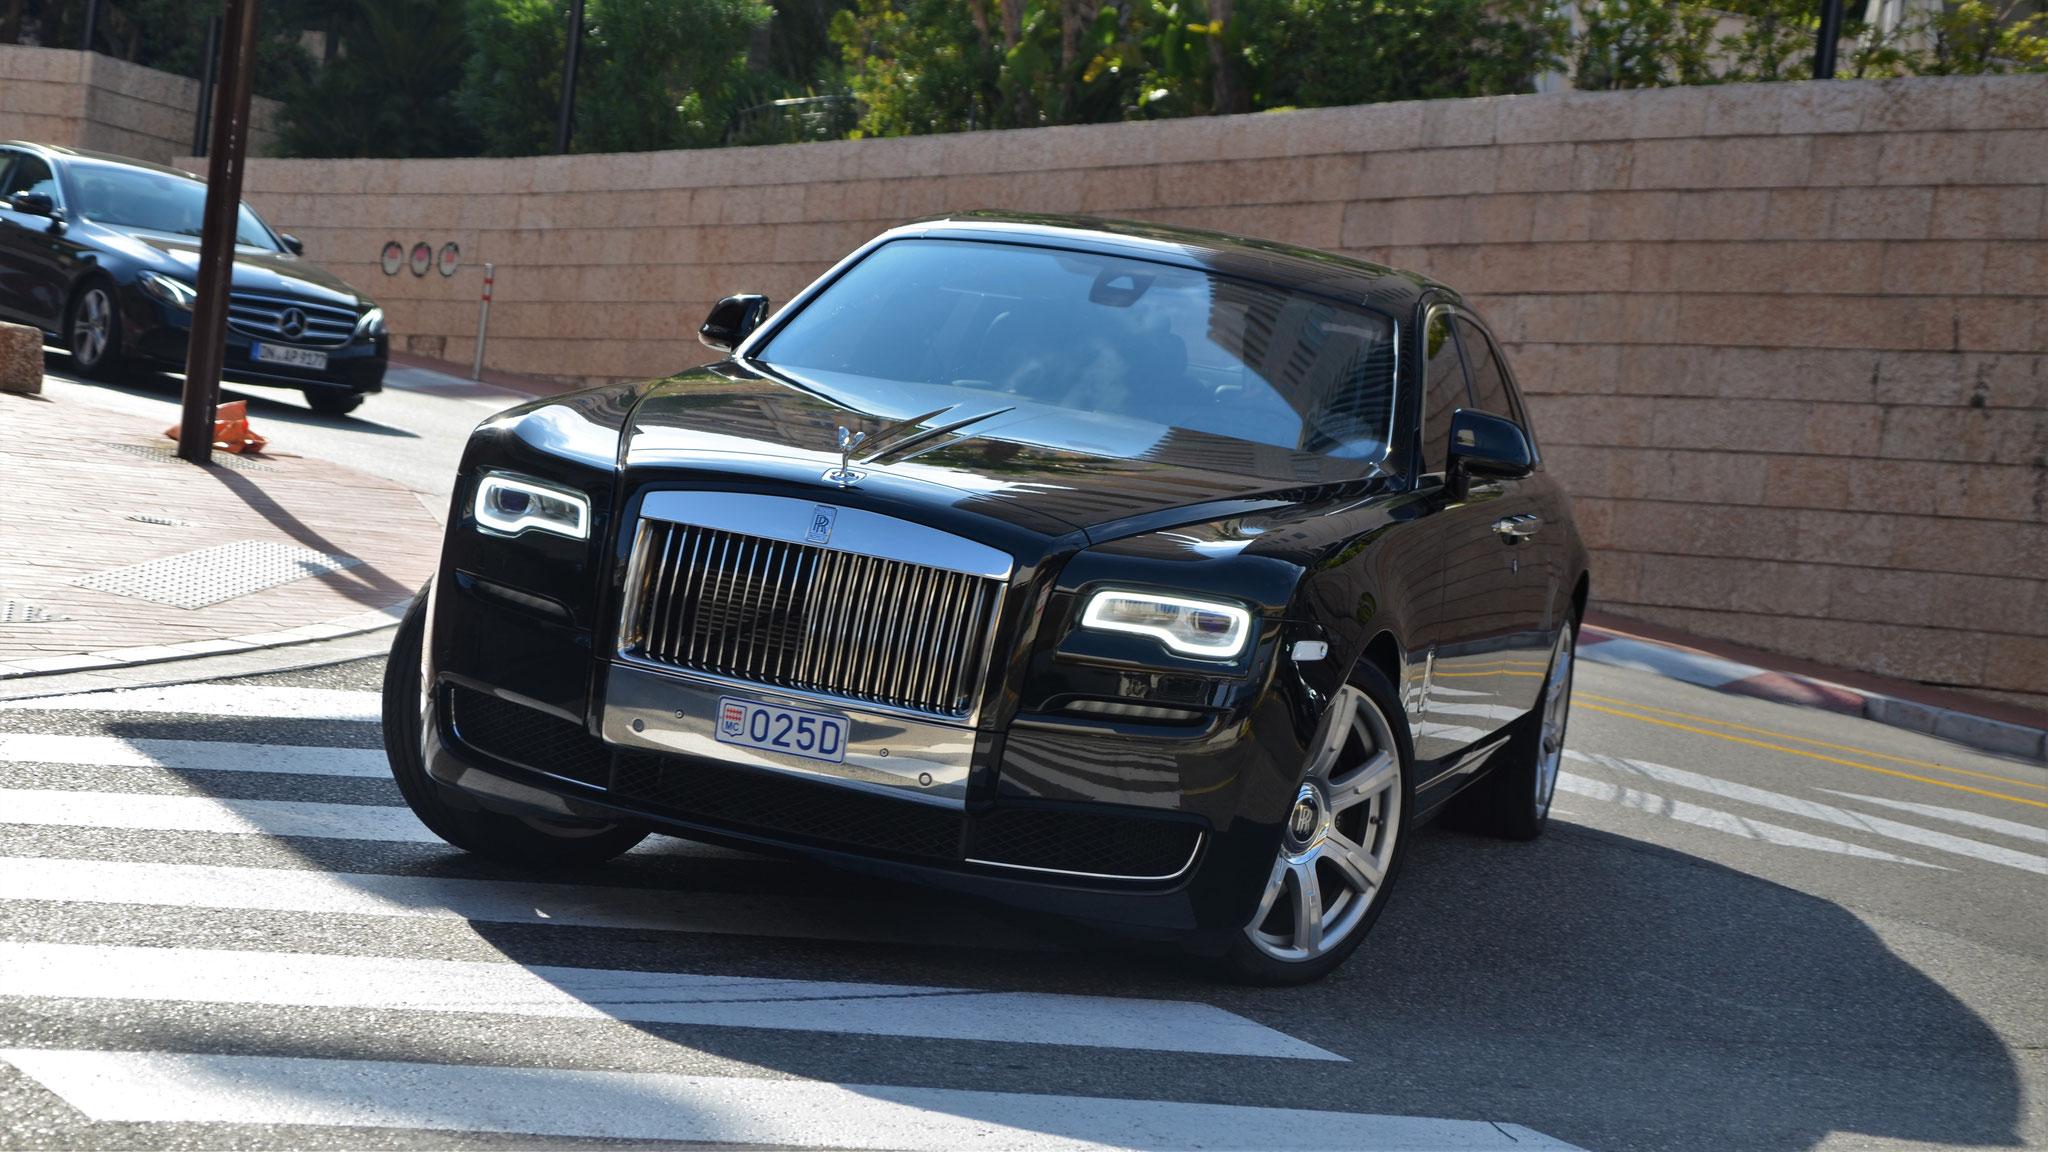 Rolls Royce Ghost Series II - 025D (MC)